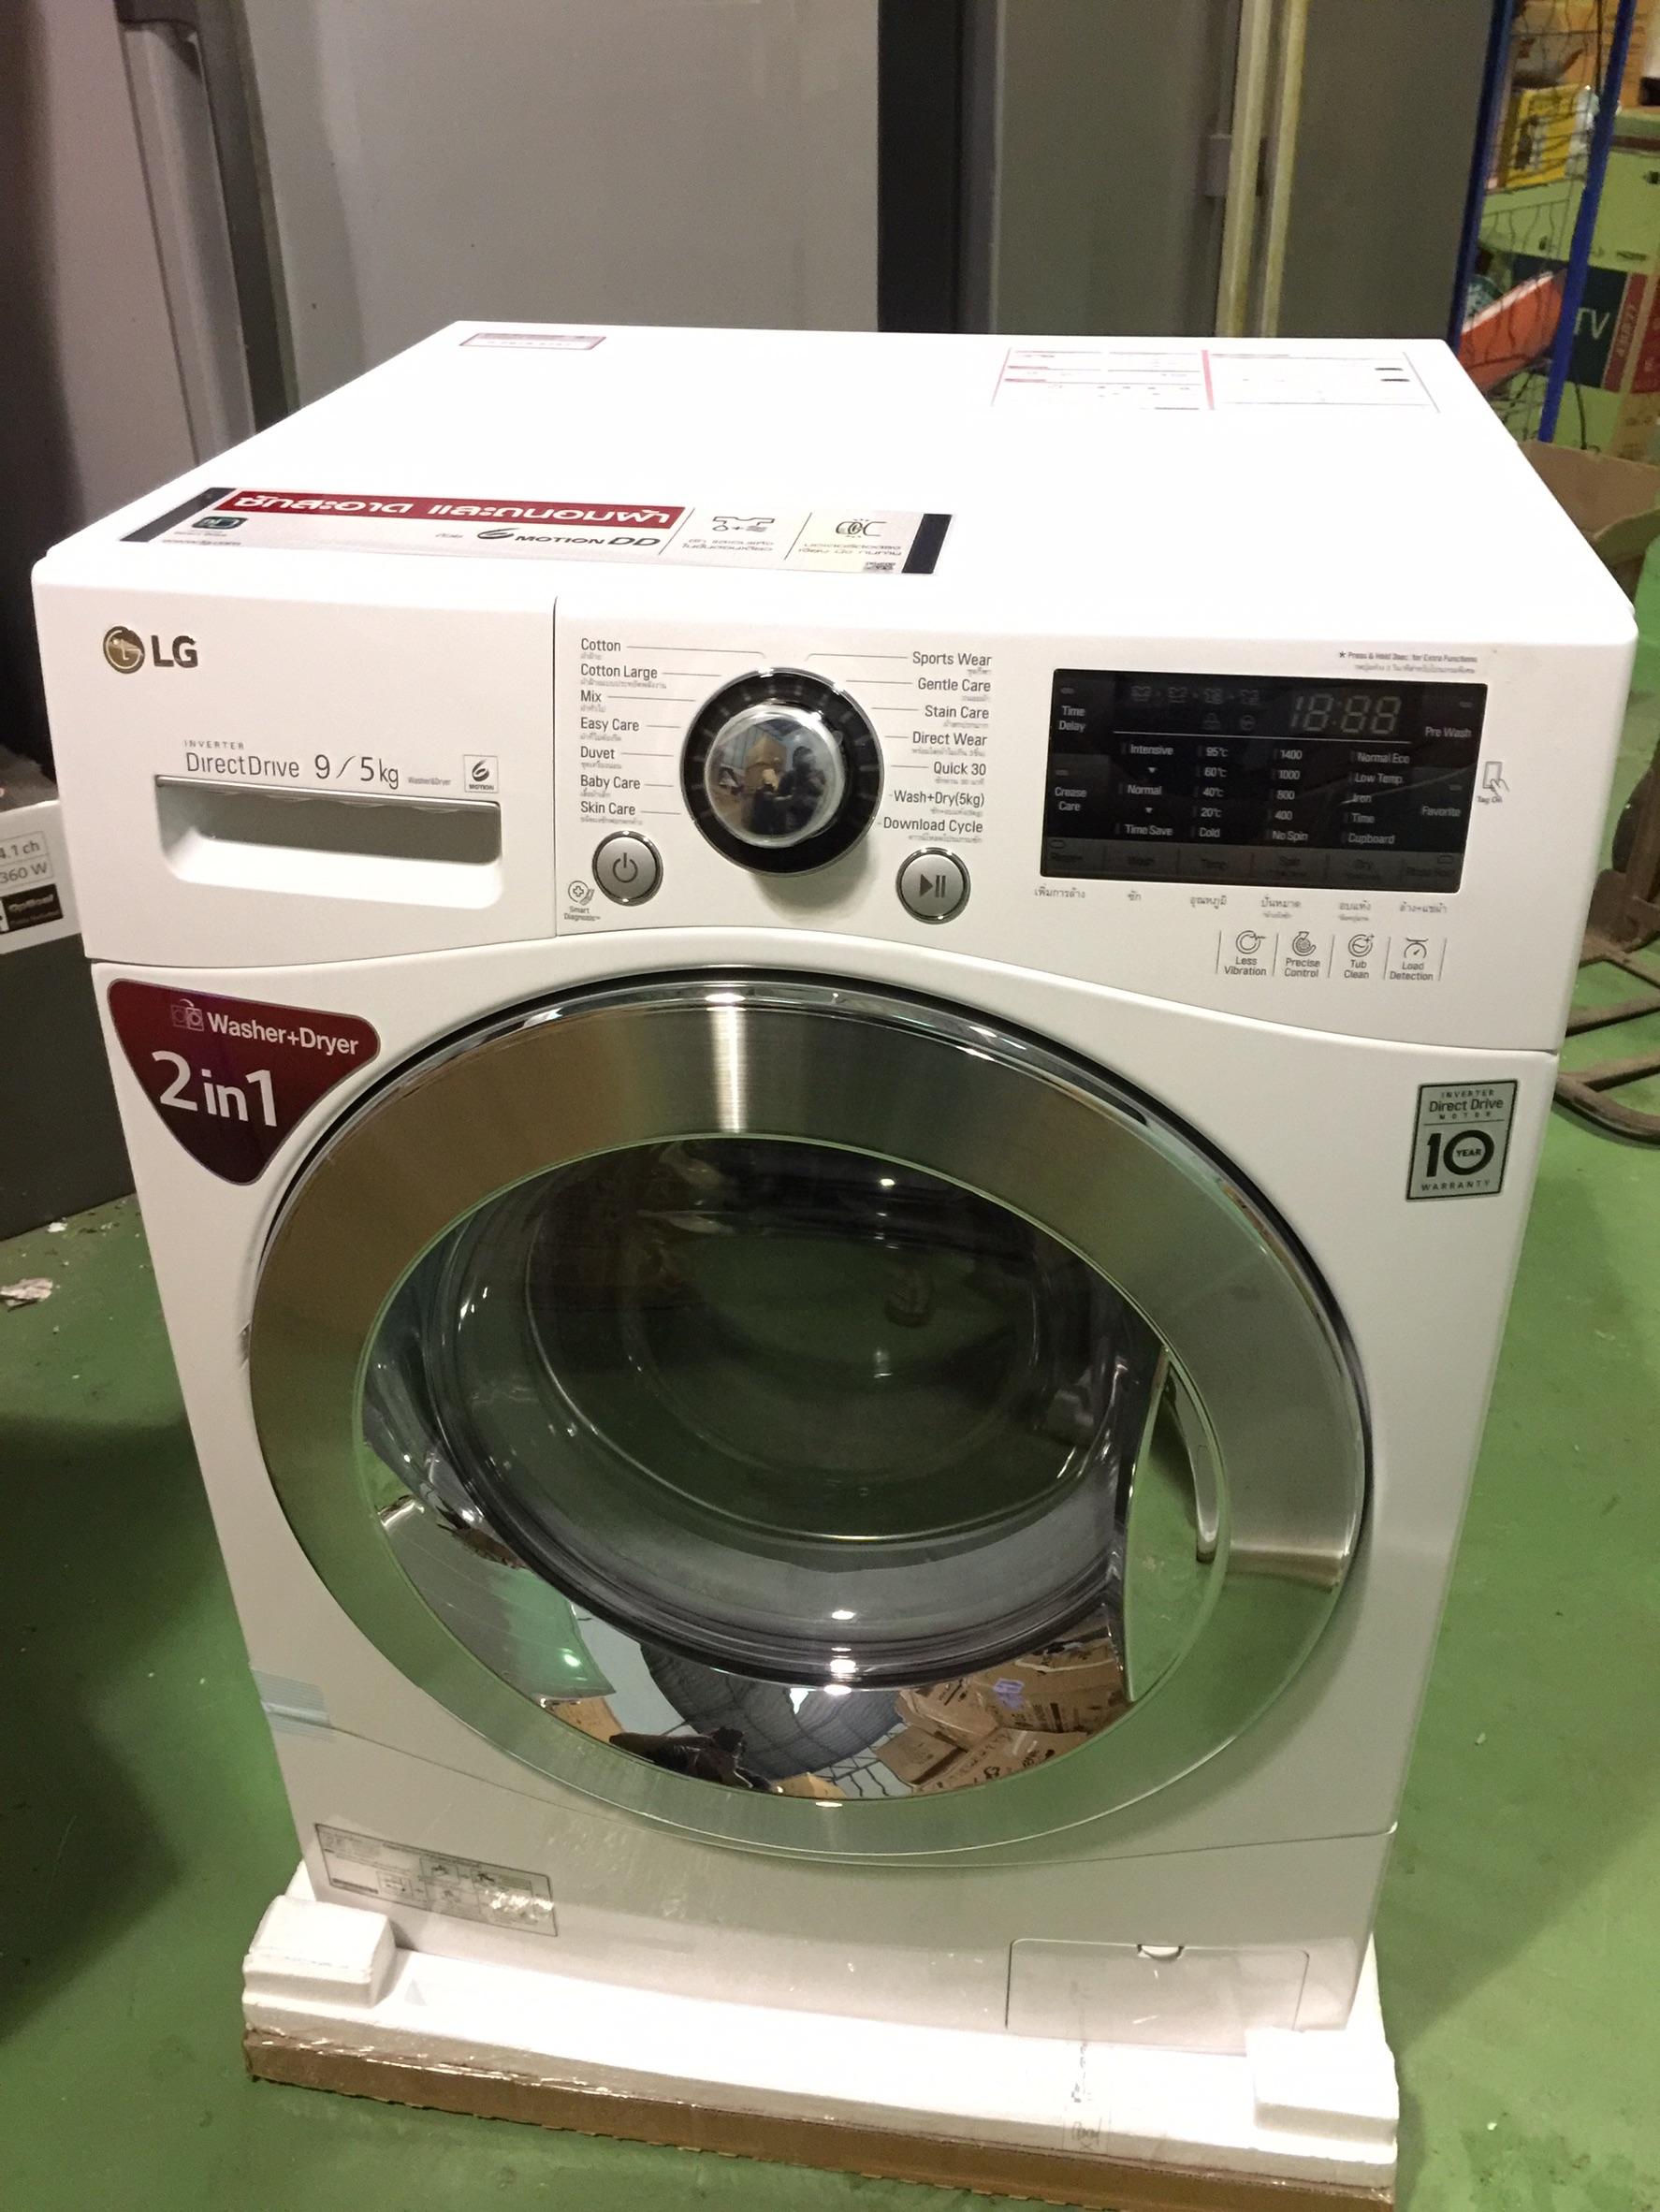 เครื่องซักผ้าฝาหน้าระบบ 6 Motion Direct Drive ซัก 9 / อบ 5 กก. รุ่นF1409DPRW1